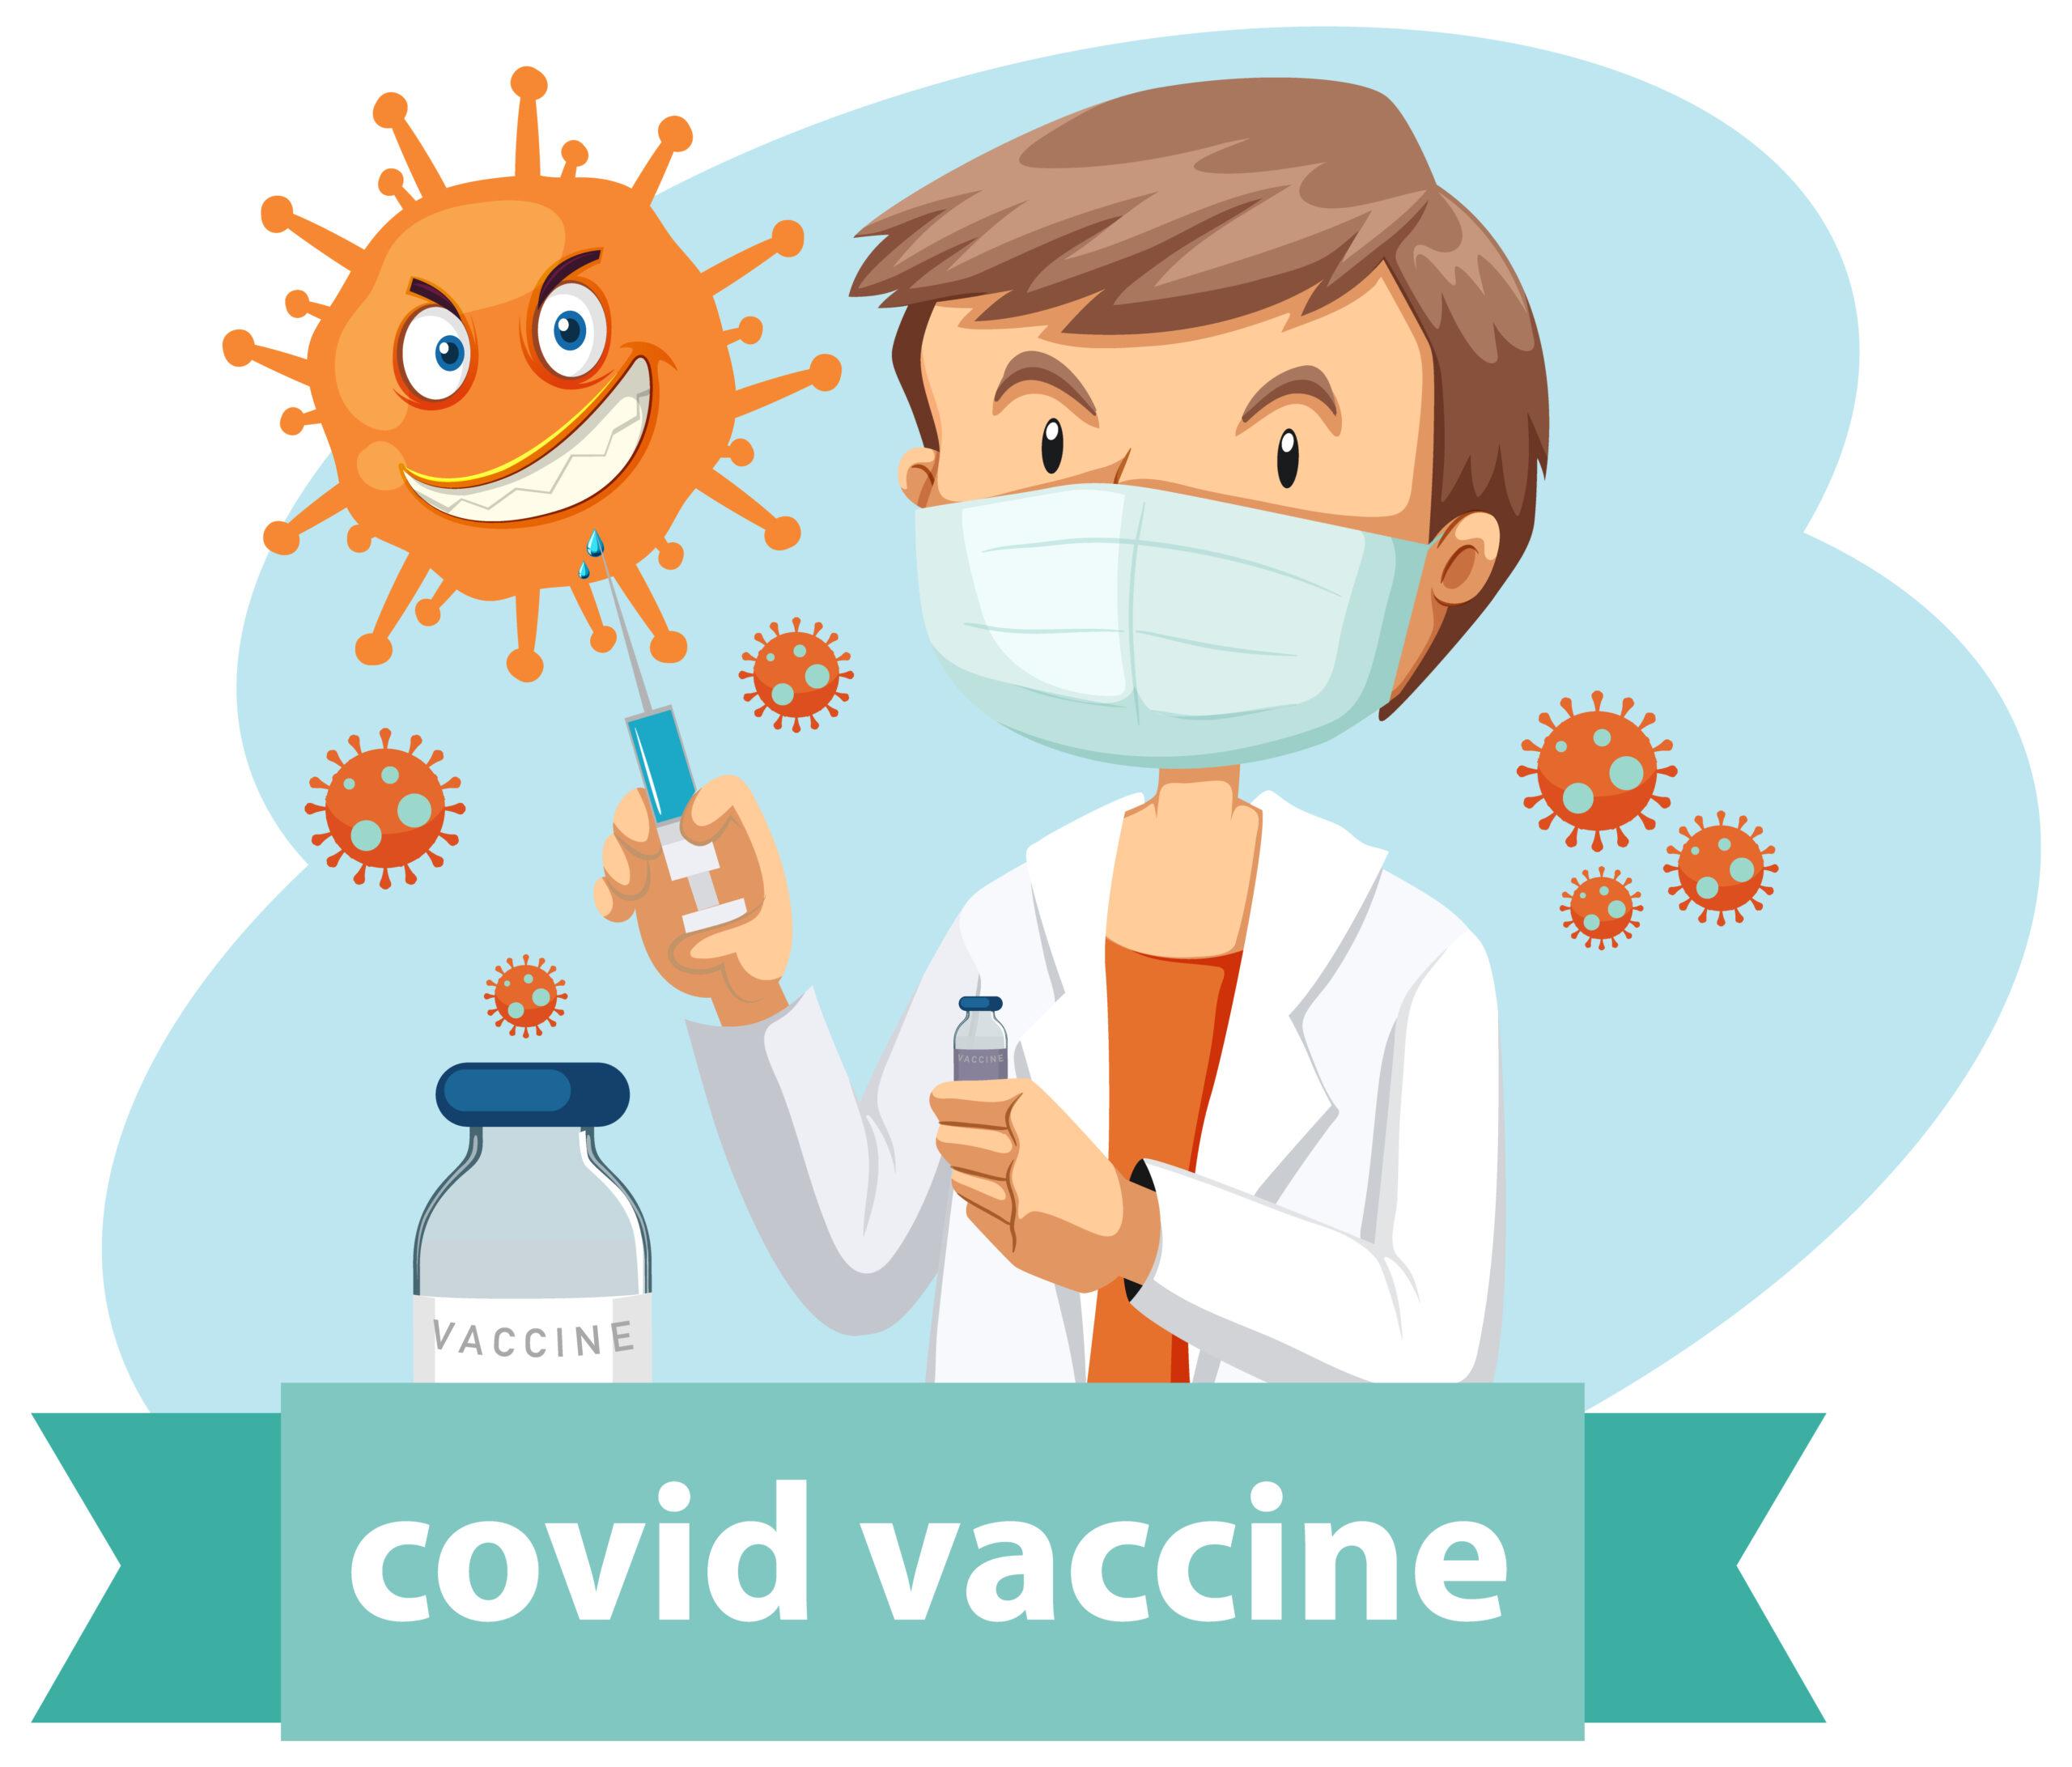 Работодатель не имеет права как-либо воздействовать на работника, который не желает вакцинироваться